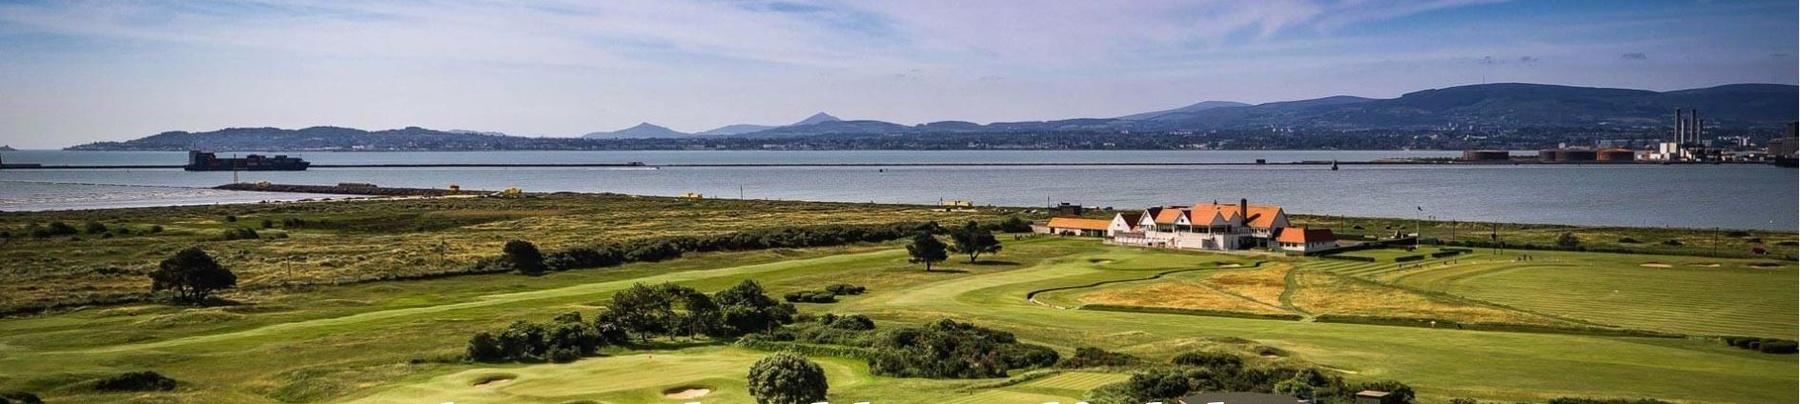 Royal Dubin Golf Club